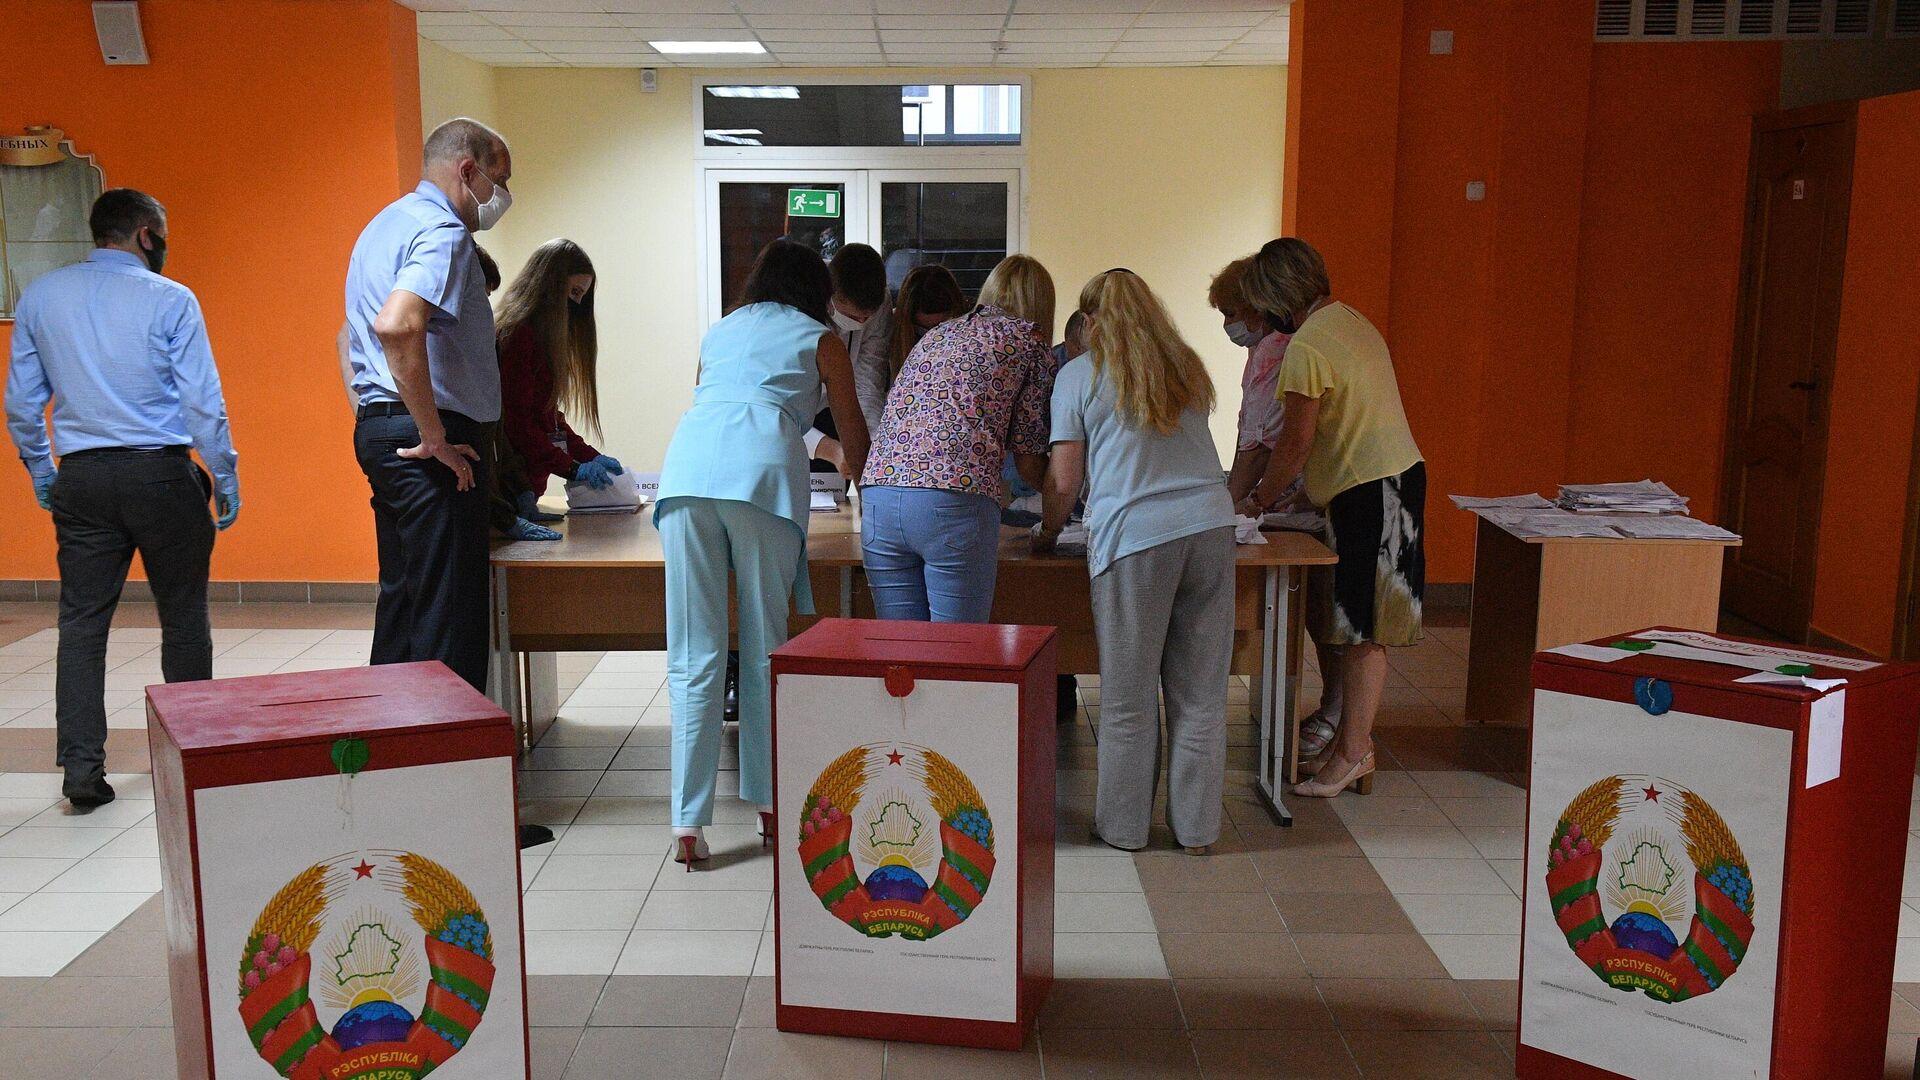 Подсчёт голосов на выборах президента Белоруссии - РИА Новости, 1920, 20.08.2020